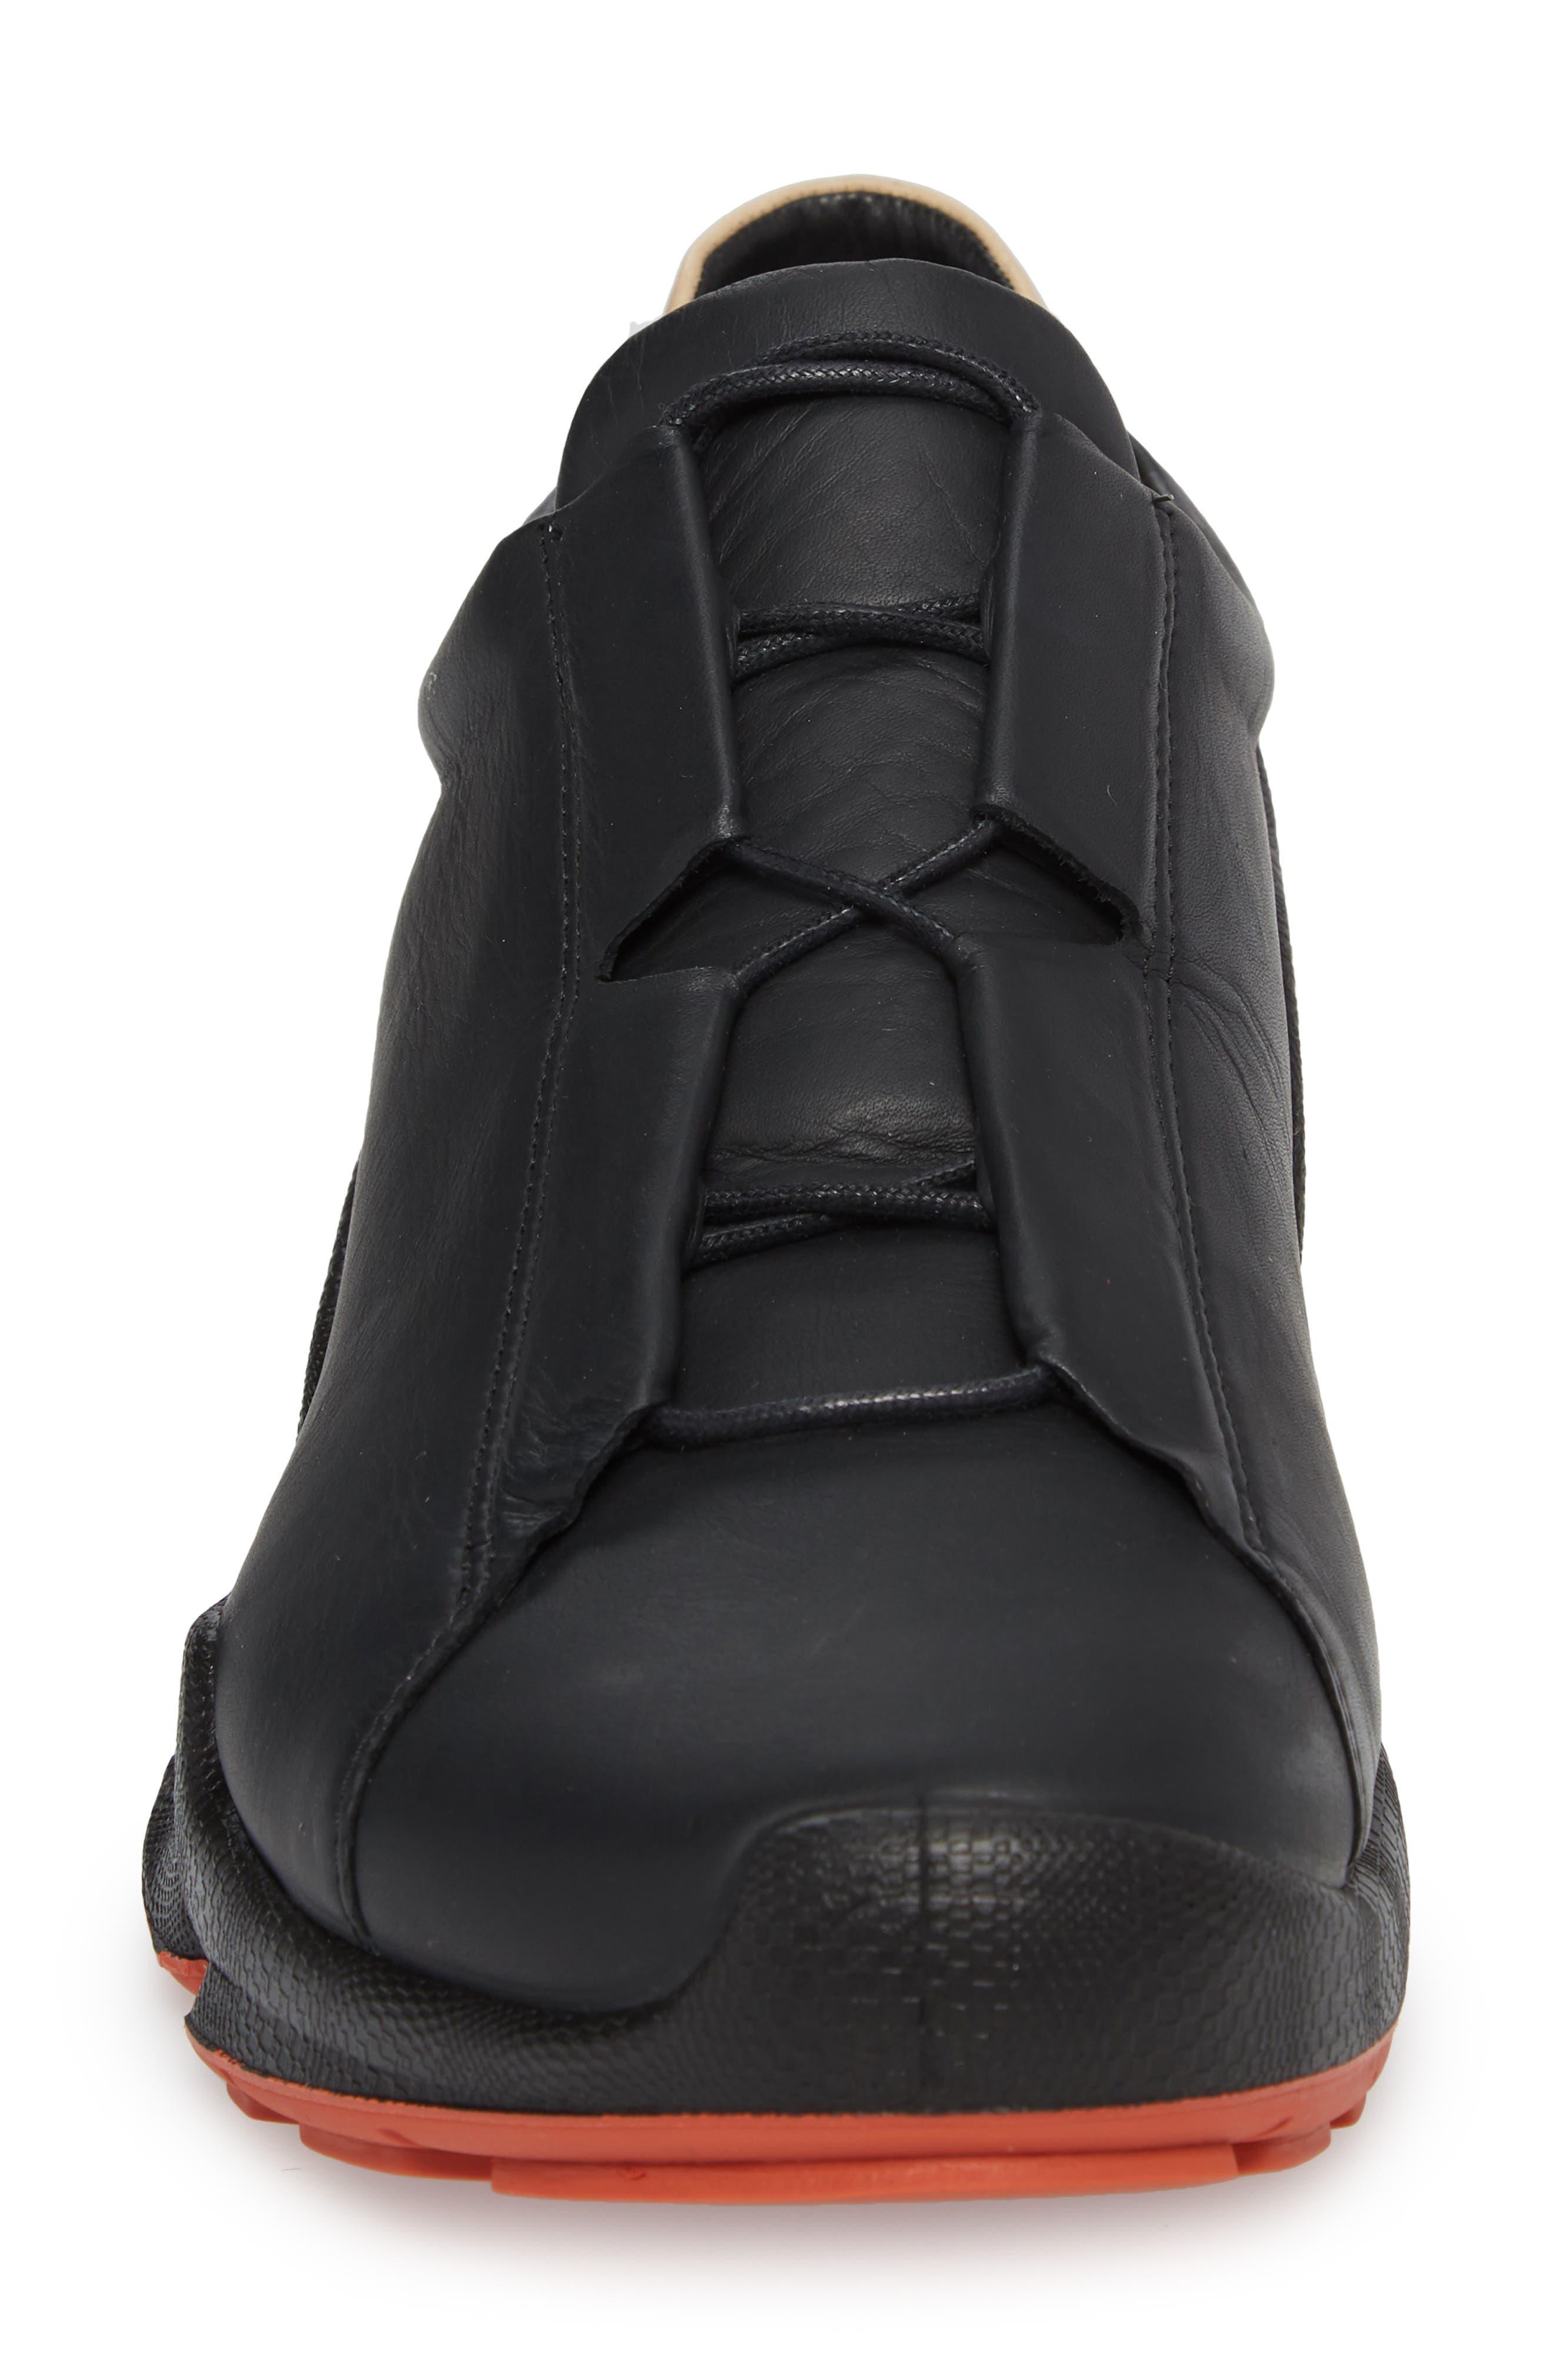 BIOM C Low Top Sneaker,                             Alternate thumbnail 4, color,                             003